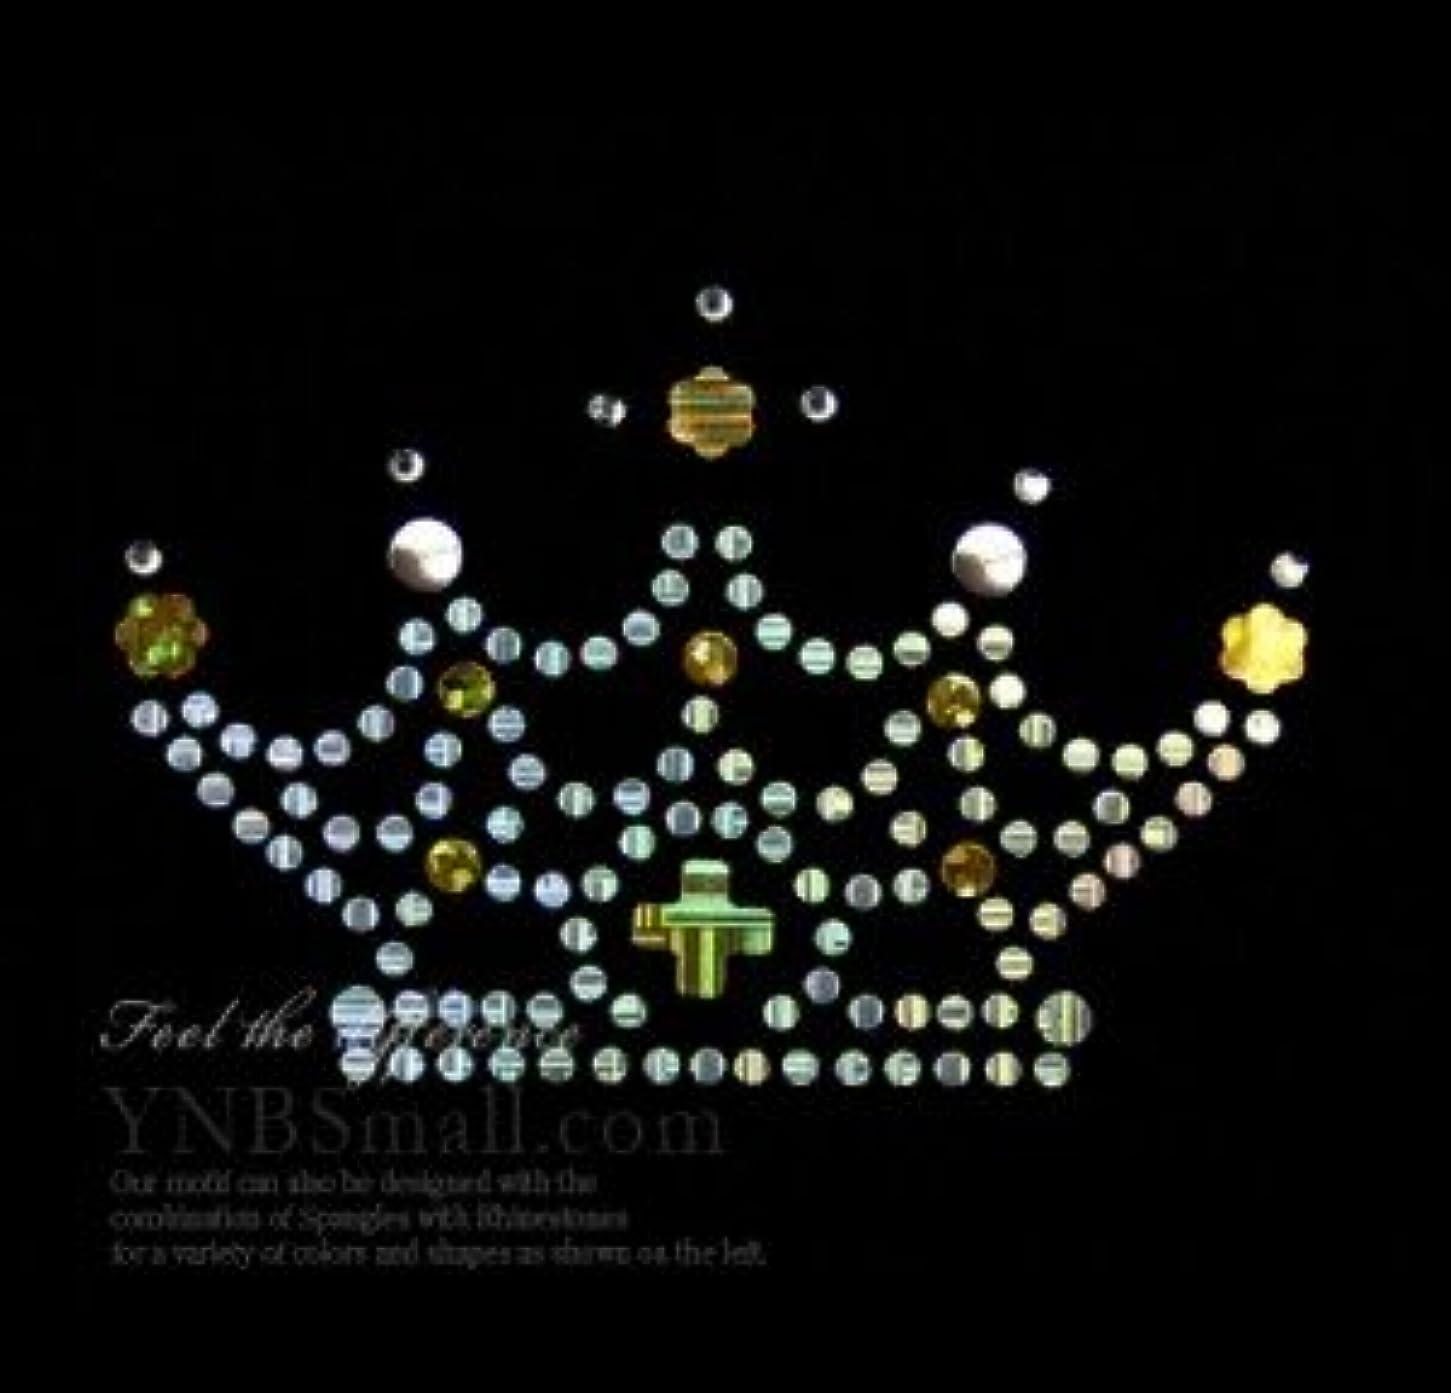 仕立て屋カナダ世界に死んだ【コンビネーション】ラインストーン&スパングル スパンコールモチーフ ホットフィックス 【S】 王冠